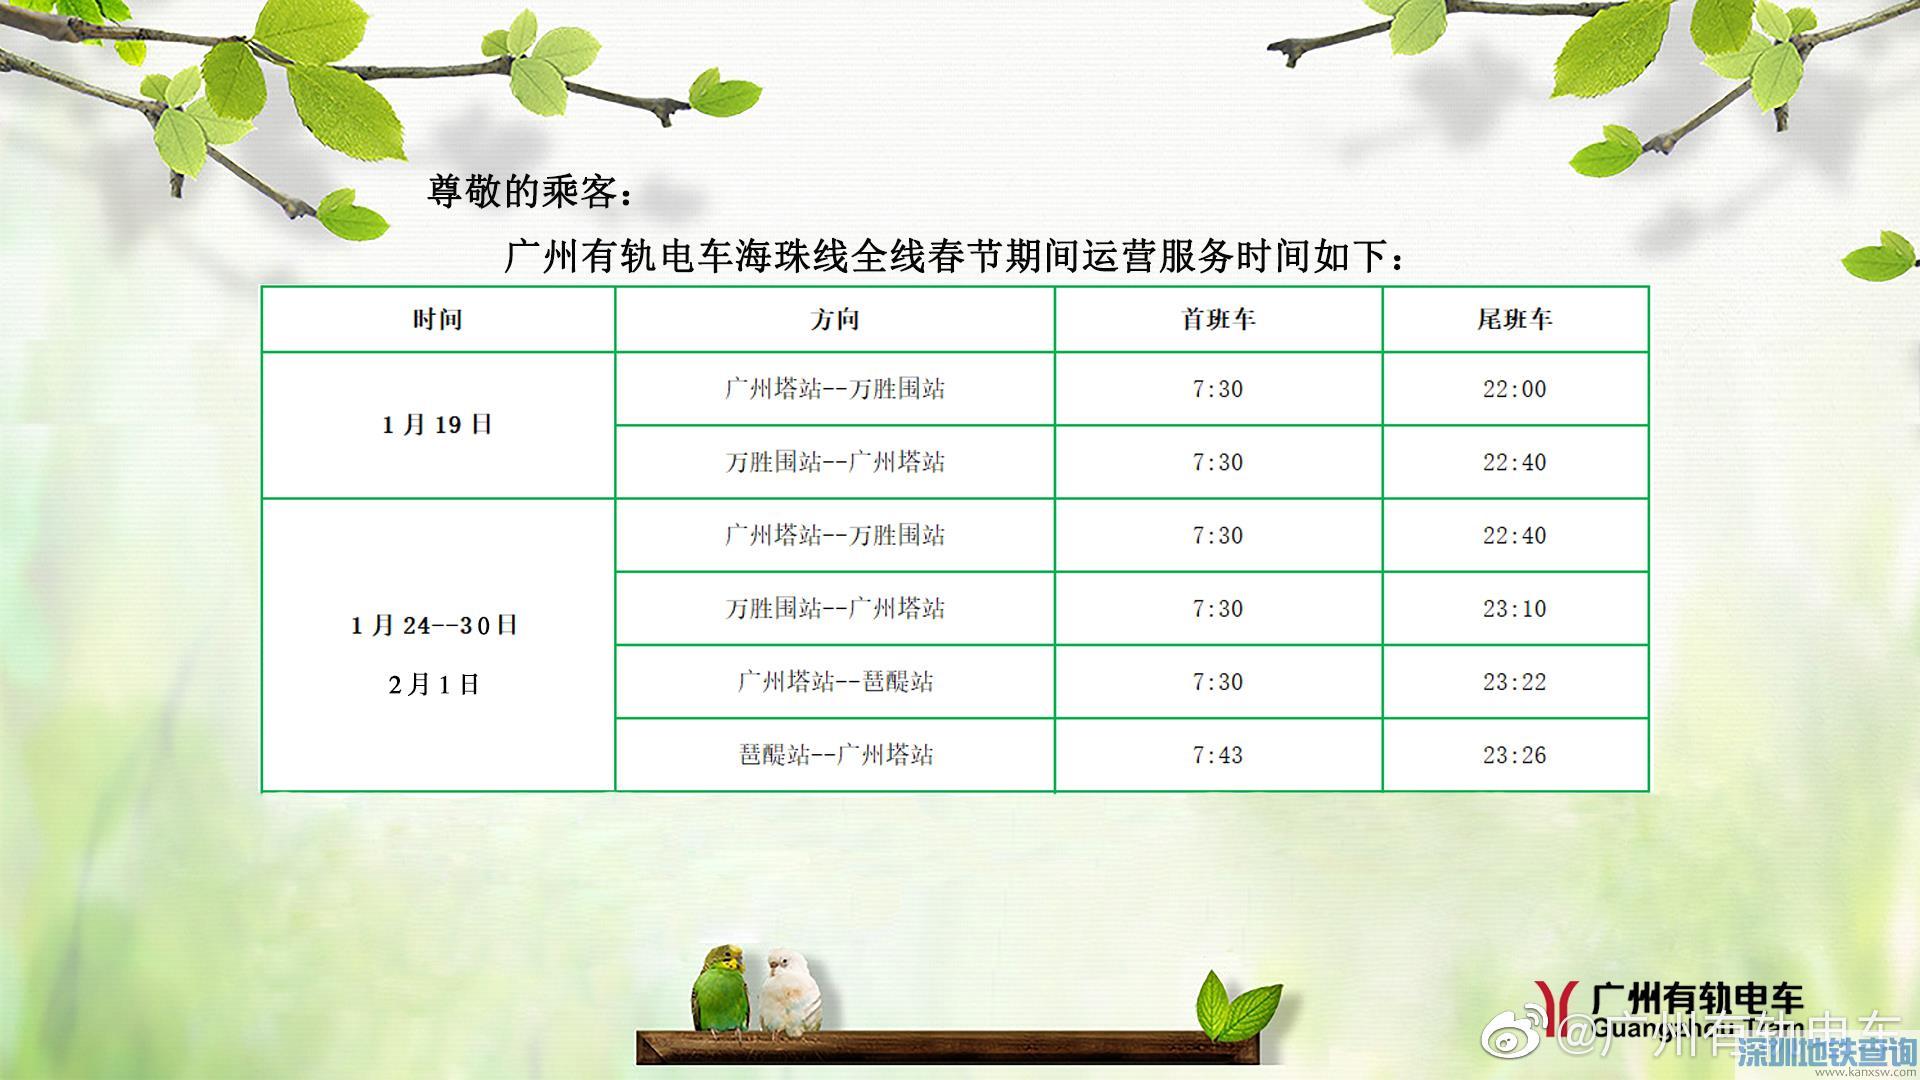 广州有轨电车2020春节期间运营时间一览